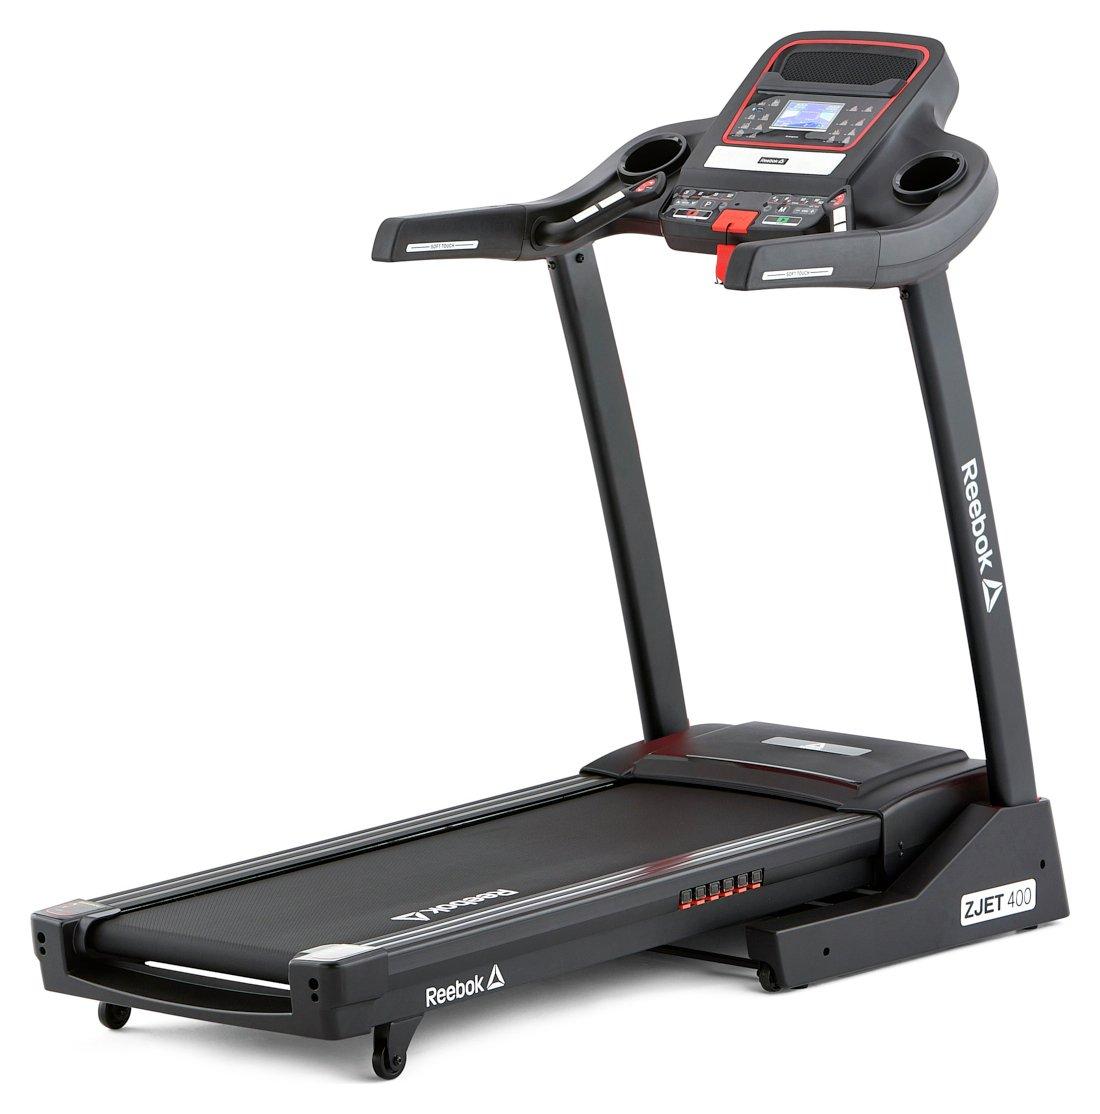 Reebok ZJET 400 Treadmill